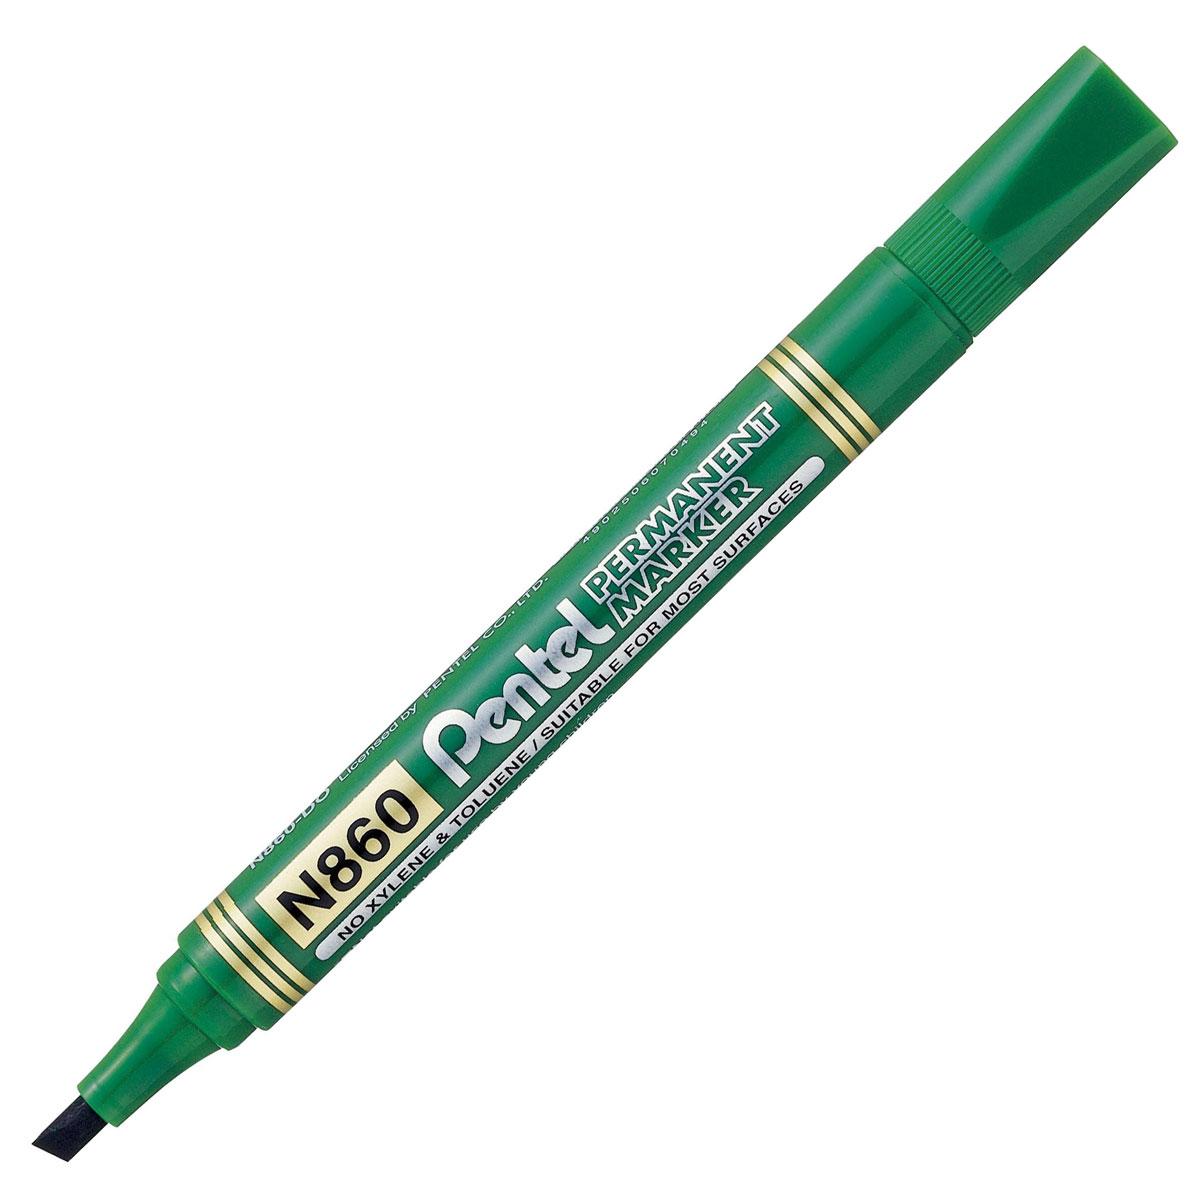 Pentel Маркер перманентный Chisel Point, цвет: зеленыйPN860-DМаркер перманентный Pentel Chisel Point со скошенным наконечником позволяет проводить линии шириной от 1.8 до 4.5 мм. Маркер заправлен перманентными чернилами, они быстро высыхают, чернила свето- и влагостойкие. Надписи, сделанные этим маркером, устойчивы к истиранию. Подходит для маркирования на бумаге, картоне, пластике, стекле и металле.